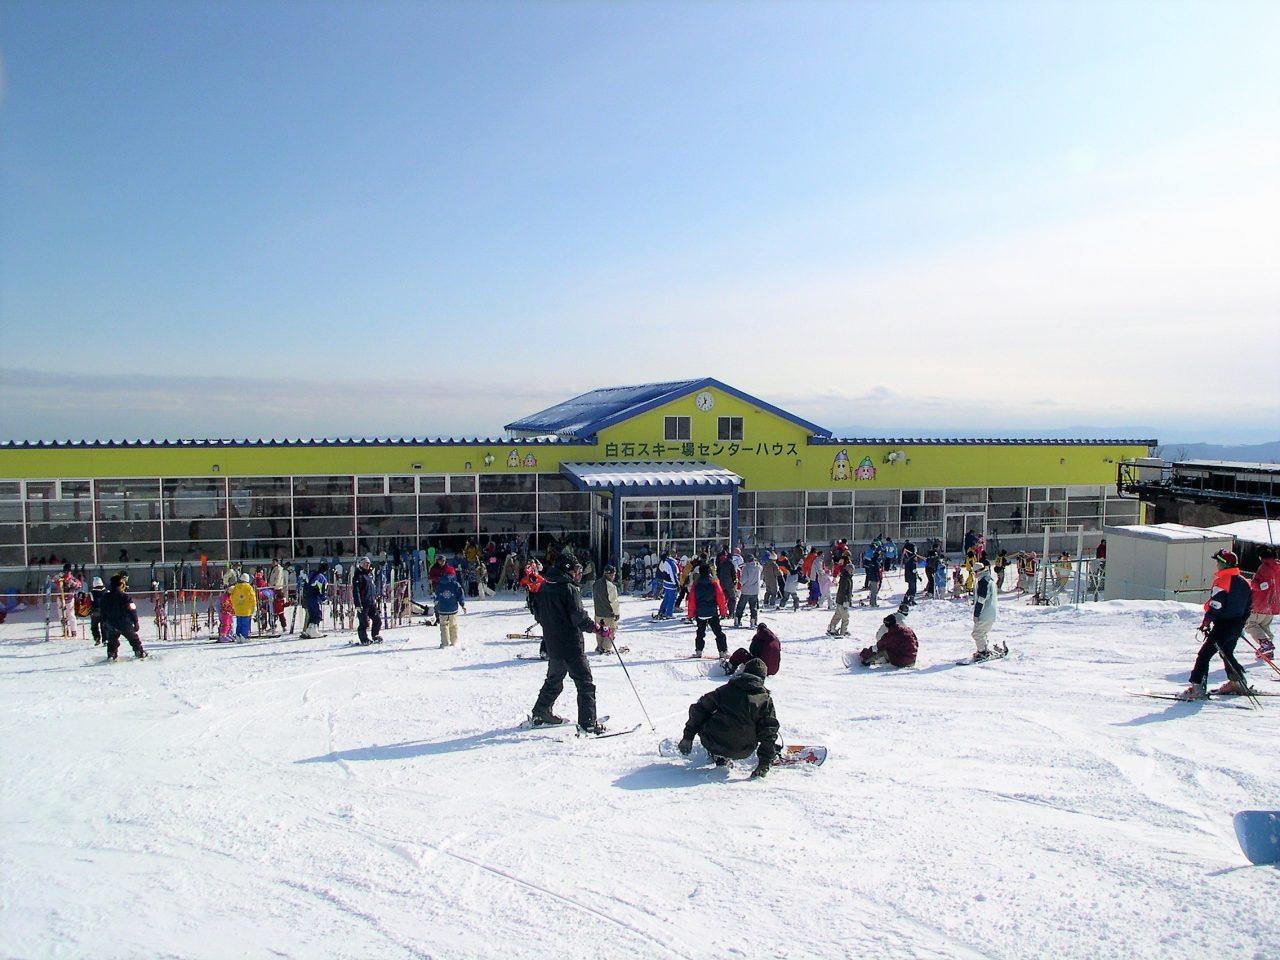 【ウィンタースポーツ】家族連れに優しいサービスが盛りだくさん!初心者から中上級者までリーズナブルに楽しめる「みやぎ蔵王白石スキー場」